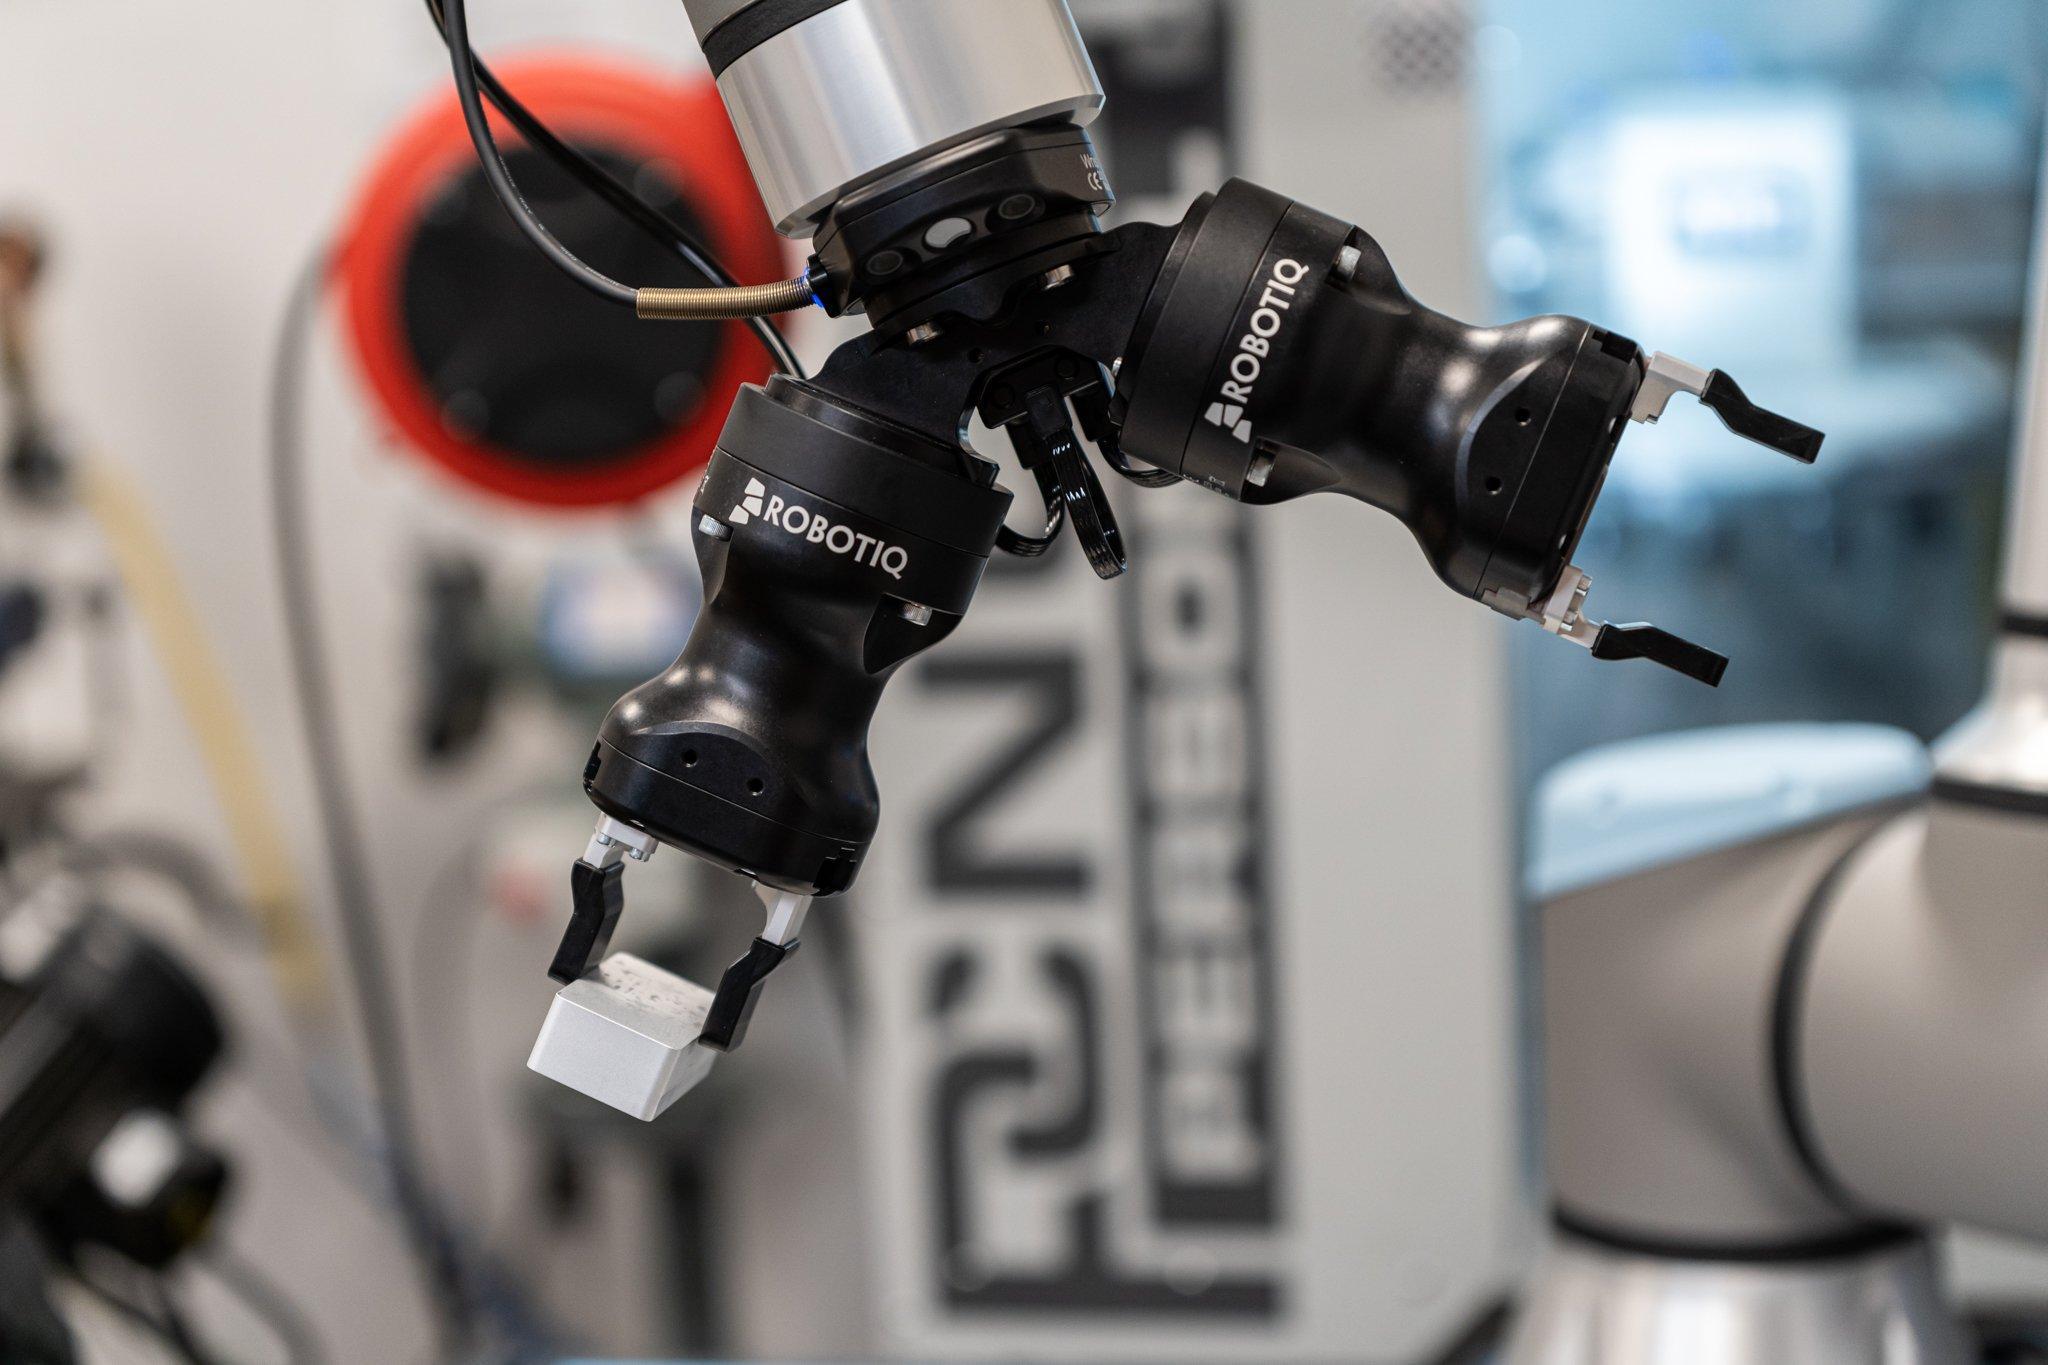 Dual Hand-E and Wrist Camera - CNC Machine Tending Kit